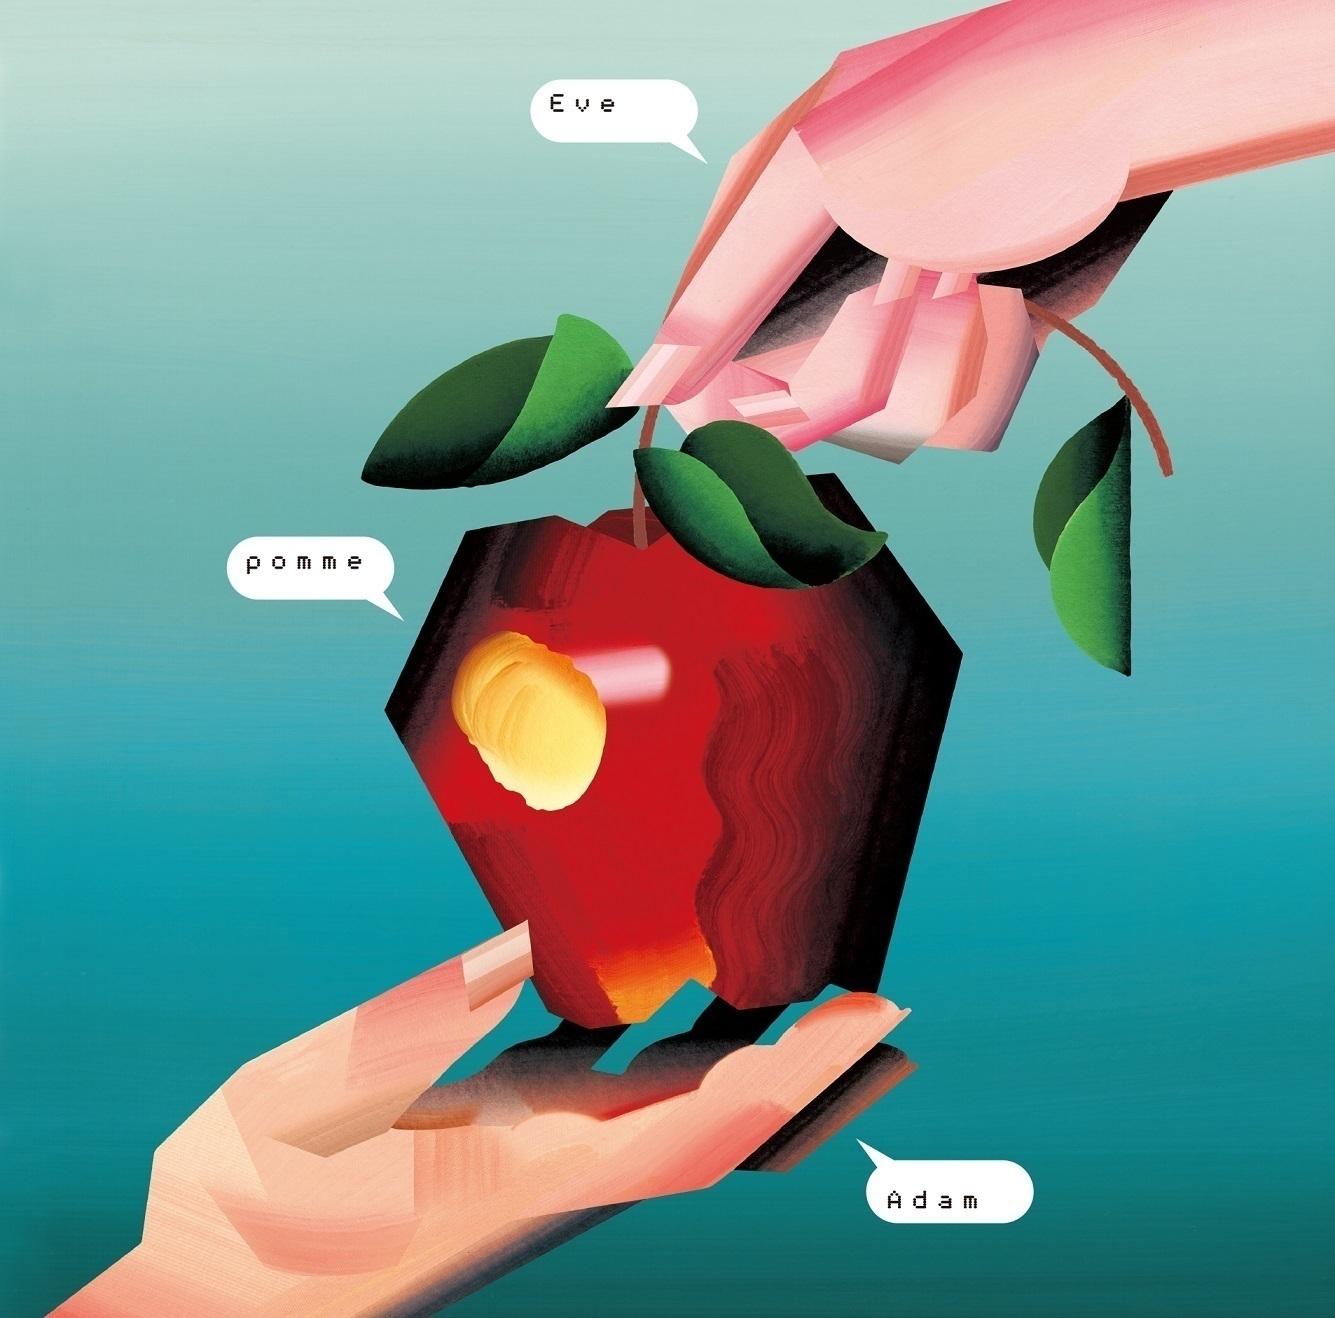 椎名林檎トリビュート アダムとイヴの林檎 の凄さが特に露な4曲